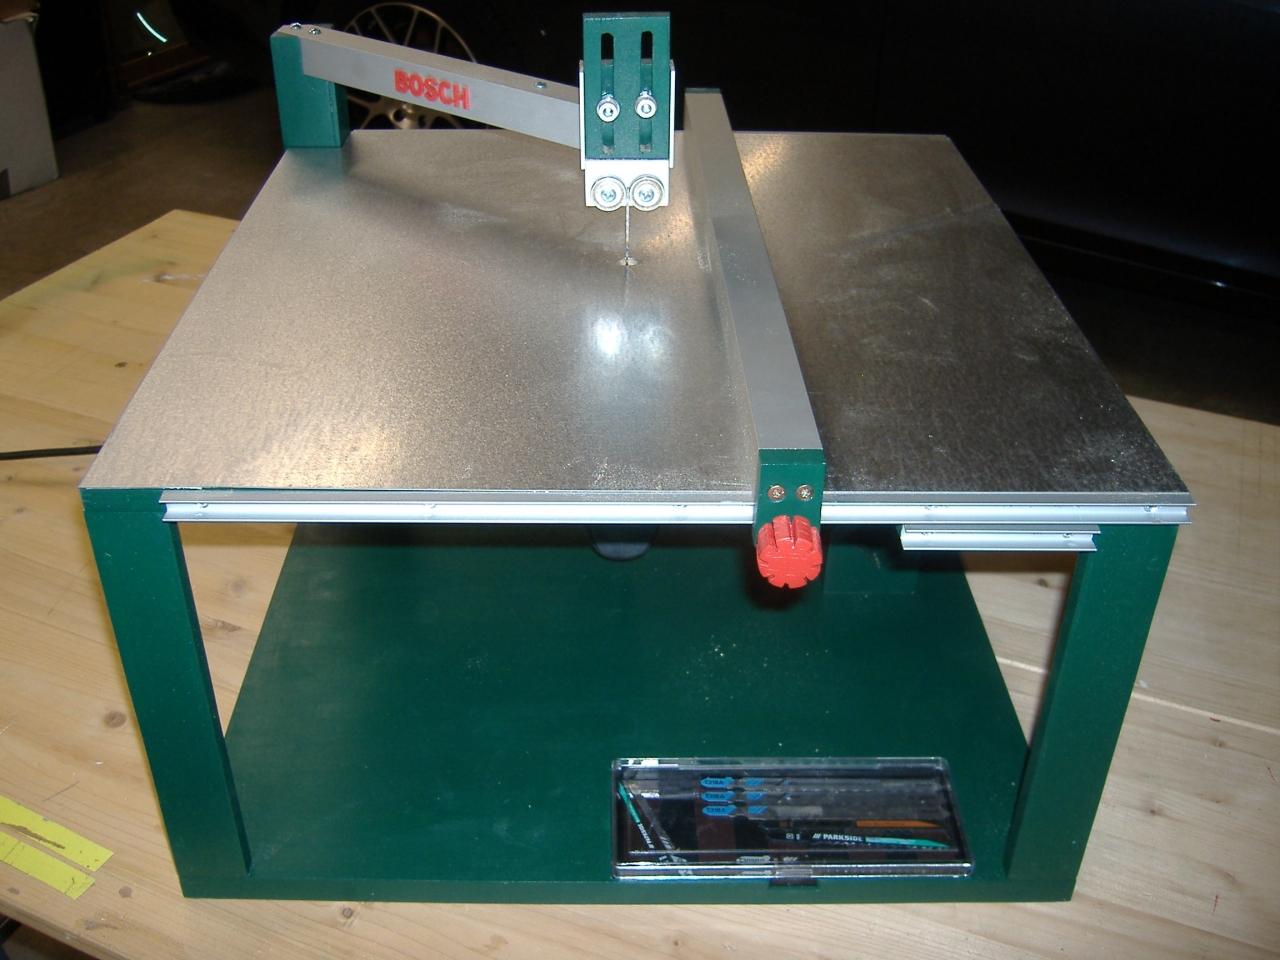 Stichsagetisch Bosch Style Bauanleitung Zum Selberbauen 1 2 Do